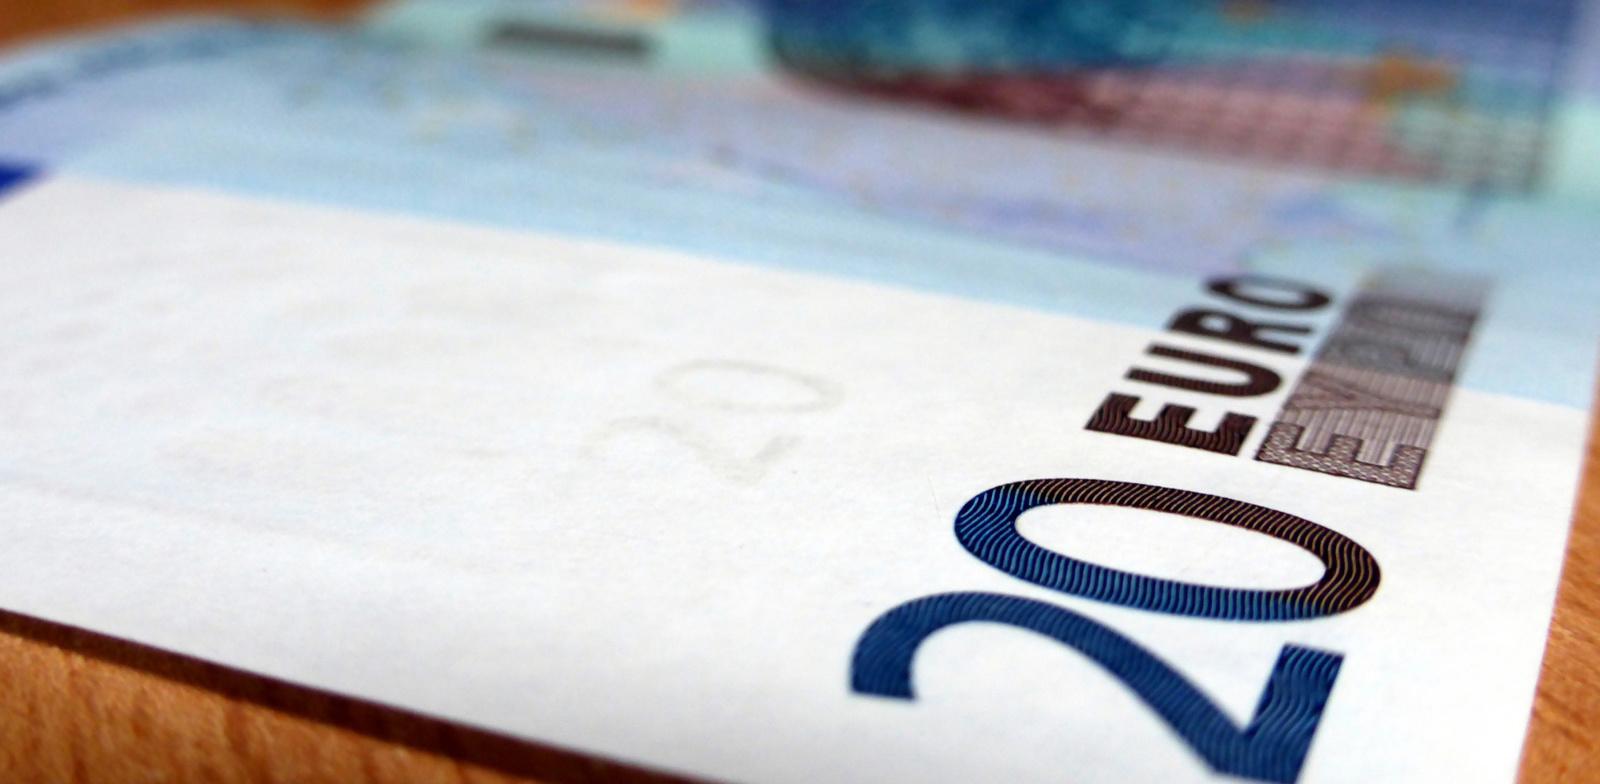 Valstybė pasiruošusi minimalų atlyginimą padidinti iki 400 eurų